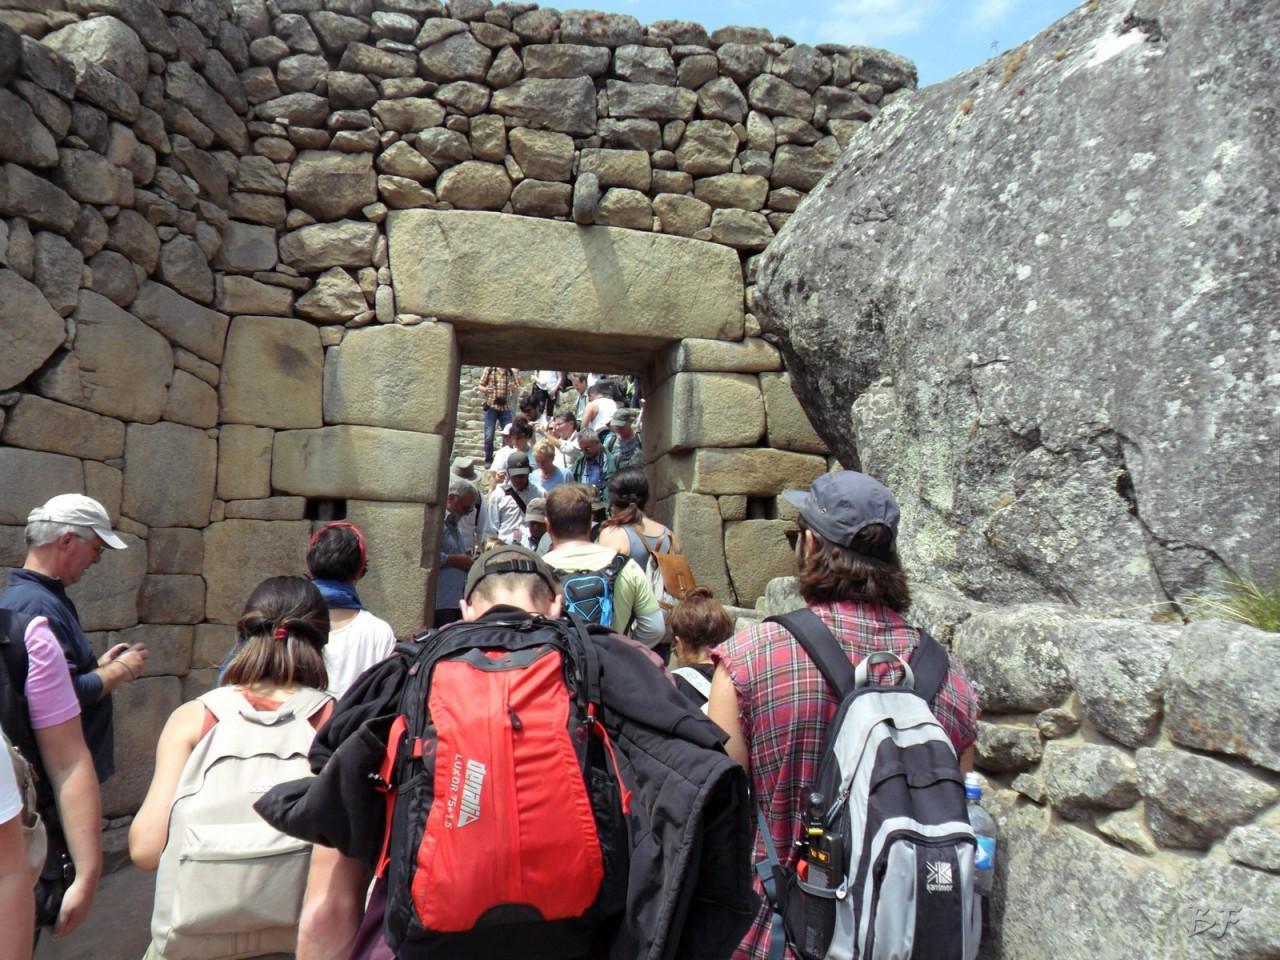 Mura-Poligonali-Incisioni-Altari-Edifici-Rupestri-Megaliti-Machu-Picchu-Aguas-Calientes-Urubamba-Cusco-Perù-63